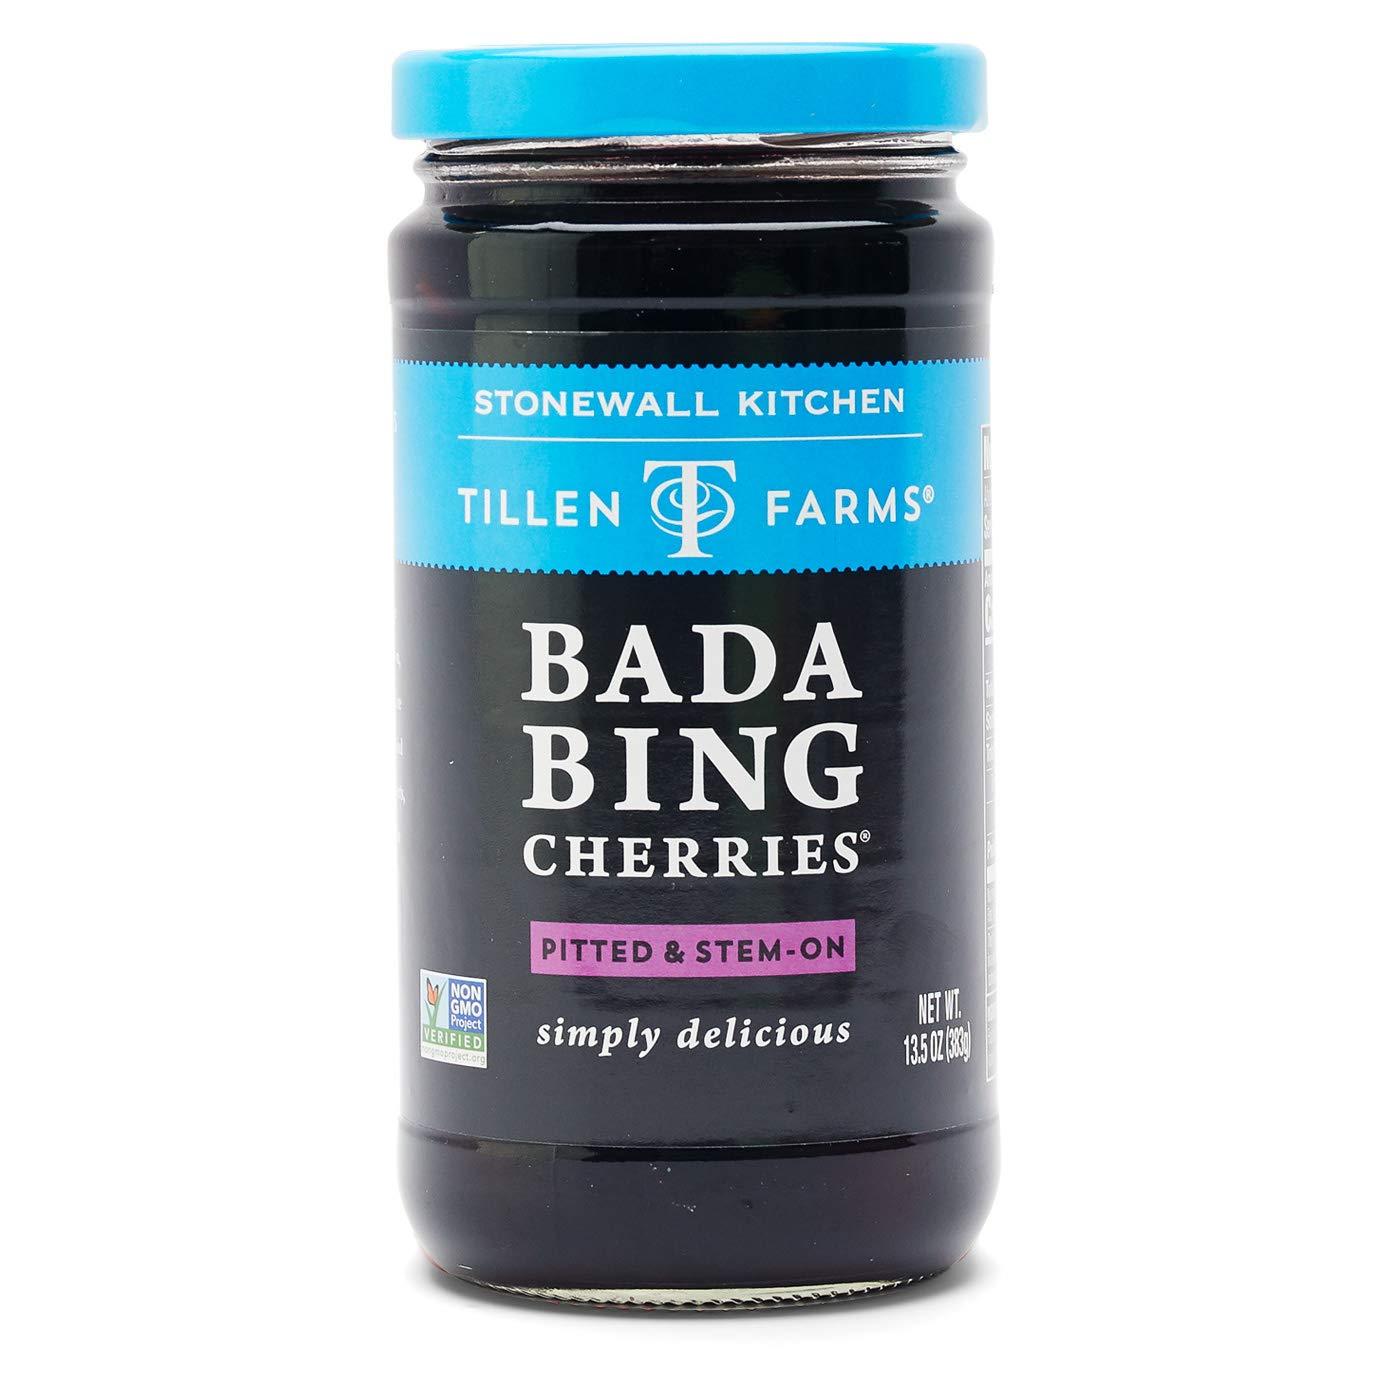 Tillen Farms Bada Bing Cherries, 13.5 oz (Pack of 6)